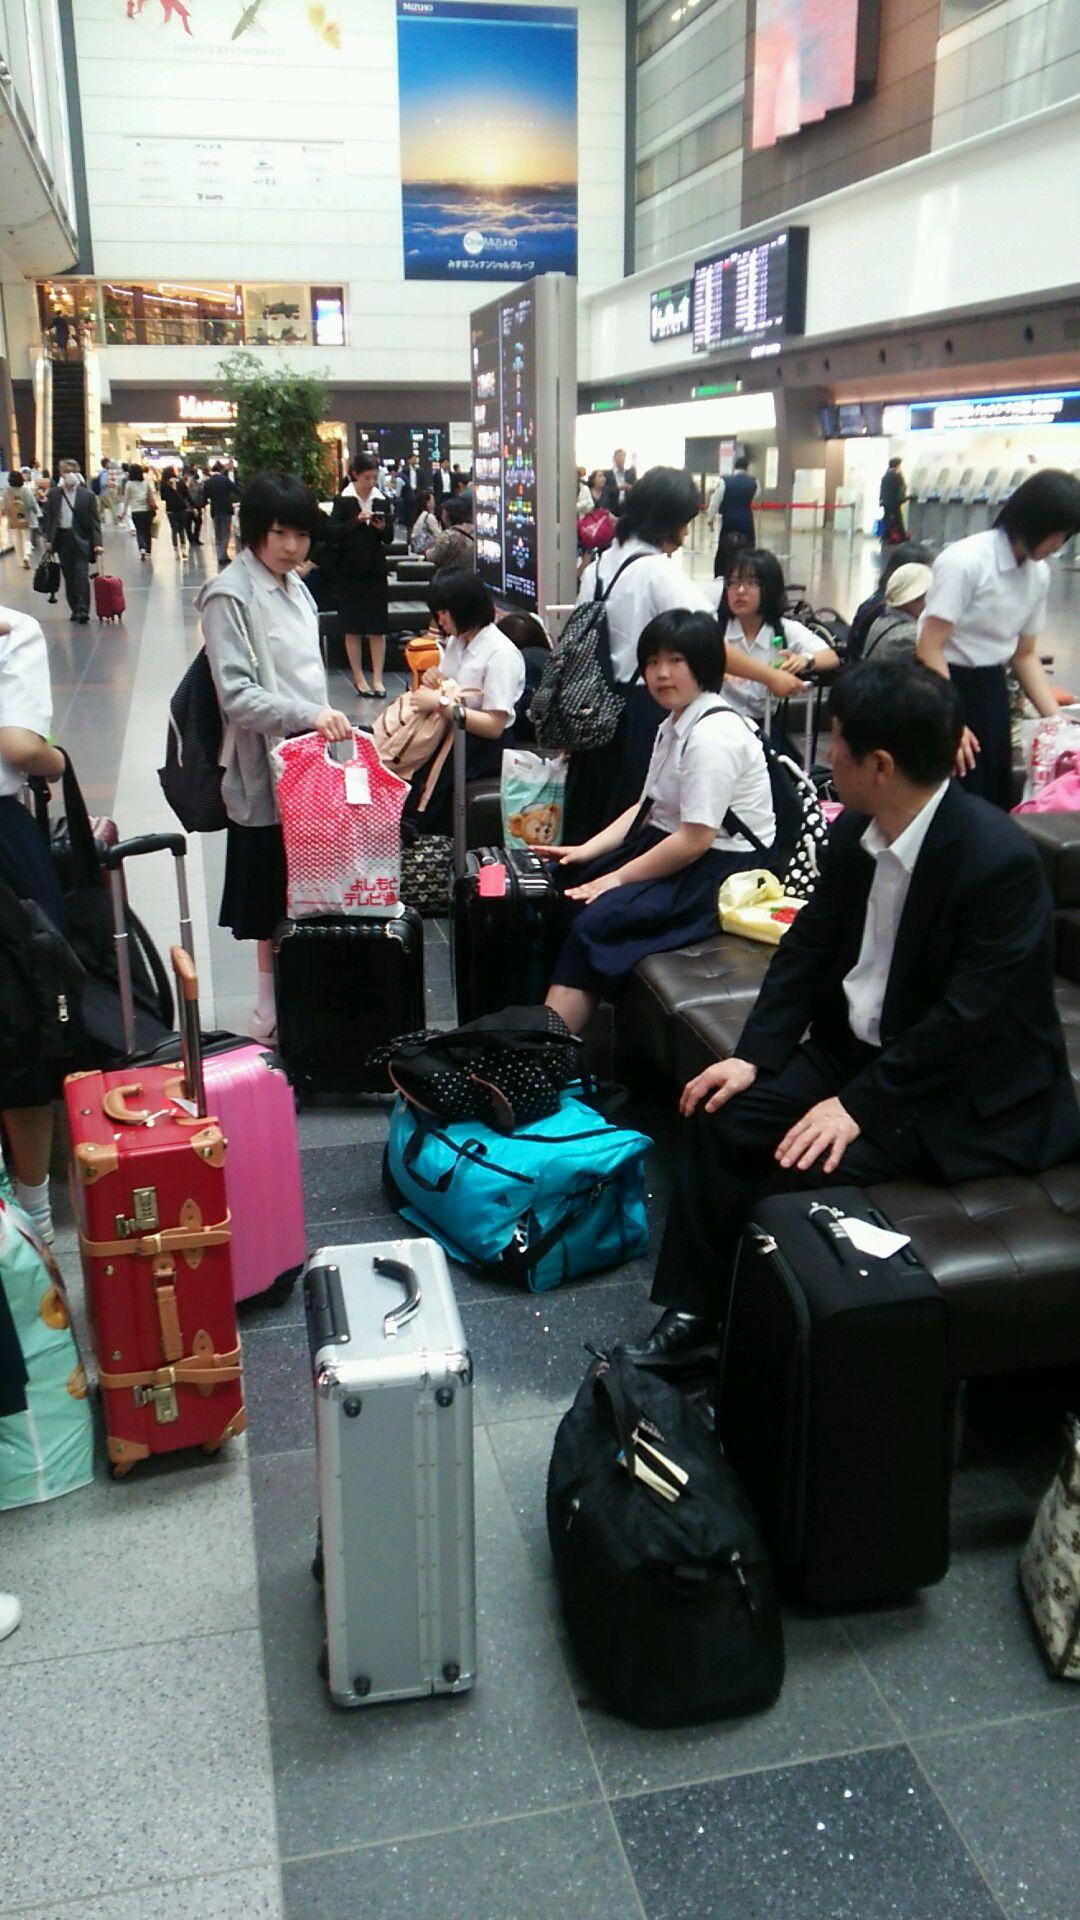 羽田空港に入りました